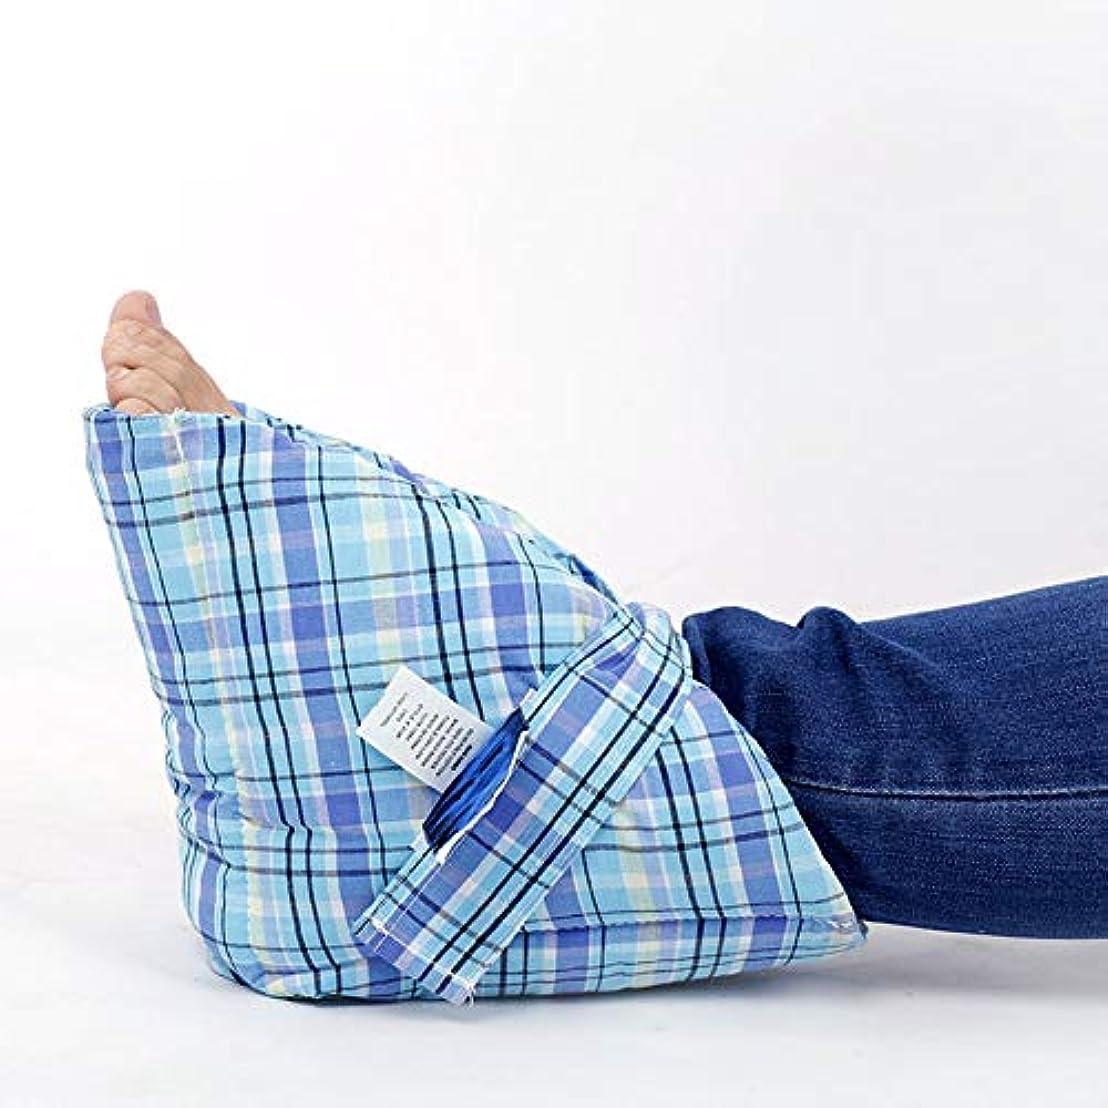 換気する折る騒乱抗床ずれヒールプロテクター枕、圧力緩和ヒールプロテクター、患者ケアヒールパッド足首プロテクタークッション、効果的な床ずれおよび足潰瘍緩和フットピロー (1PCS)